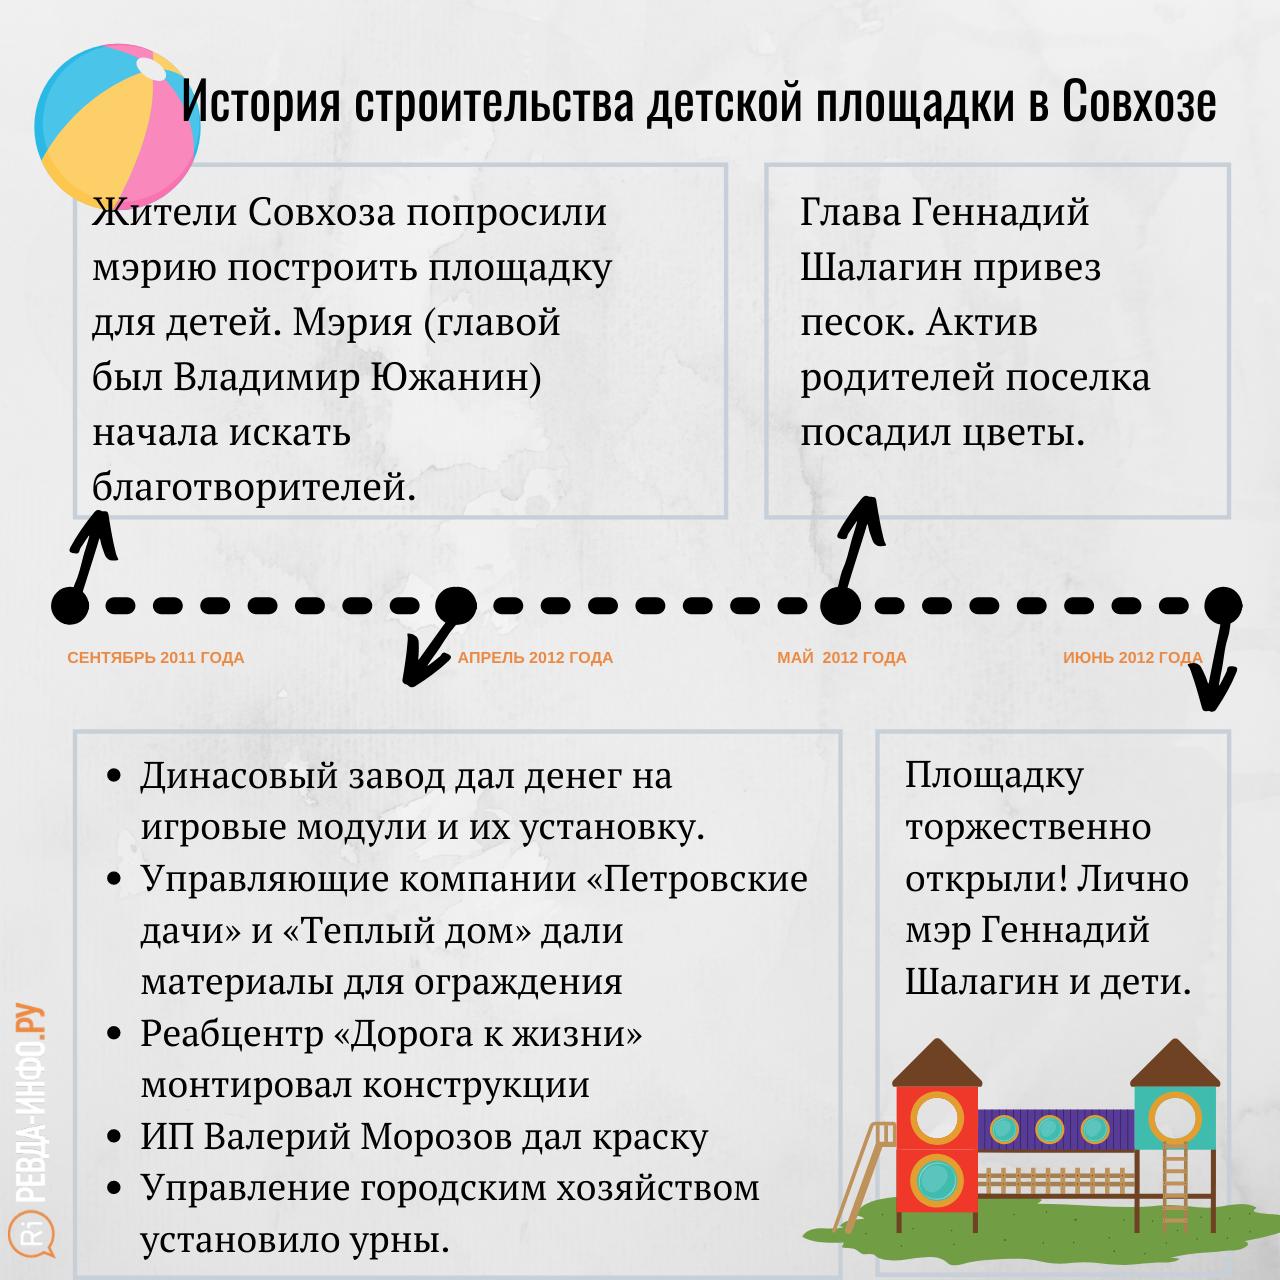 Istoriya-detskoj-ploshhadki-v-Sovhoze